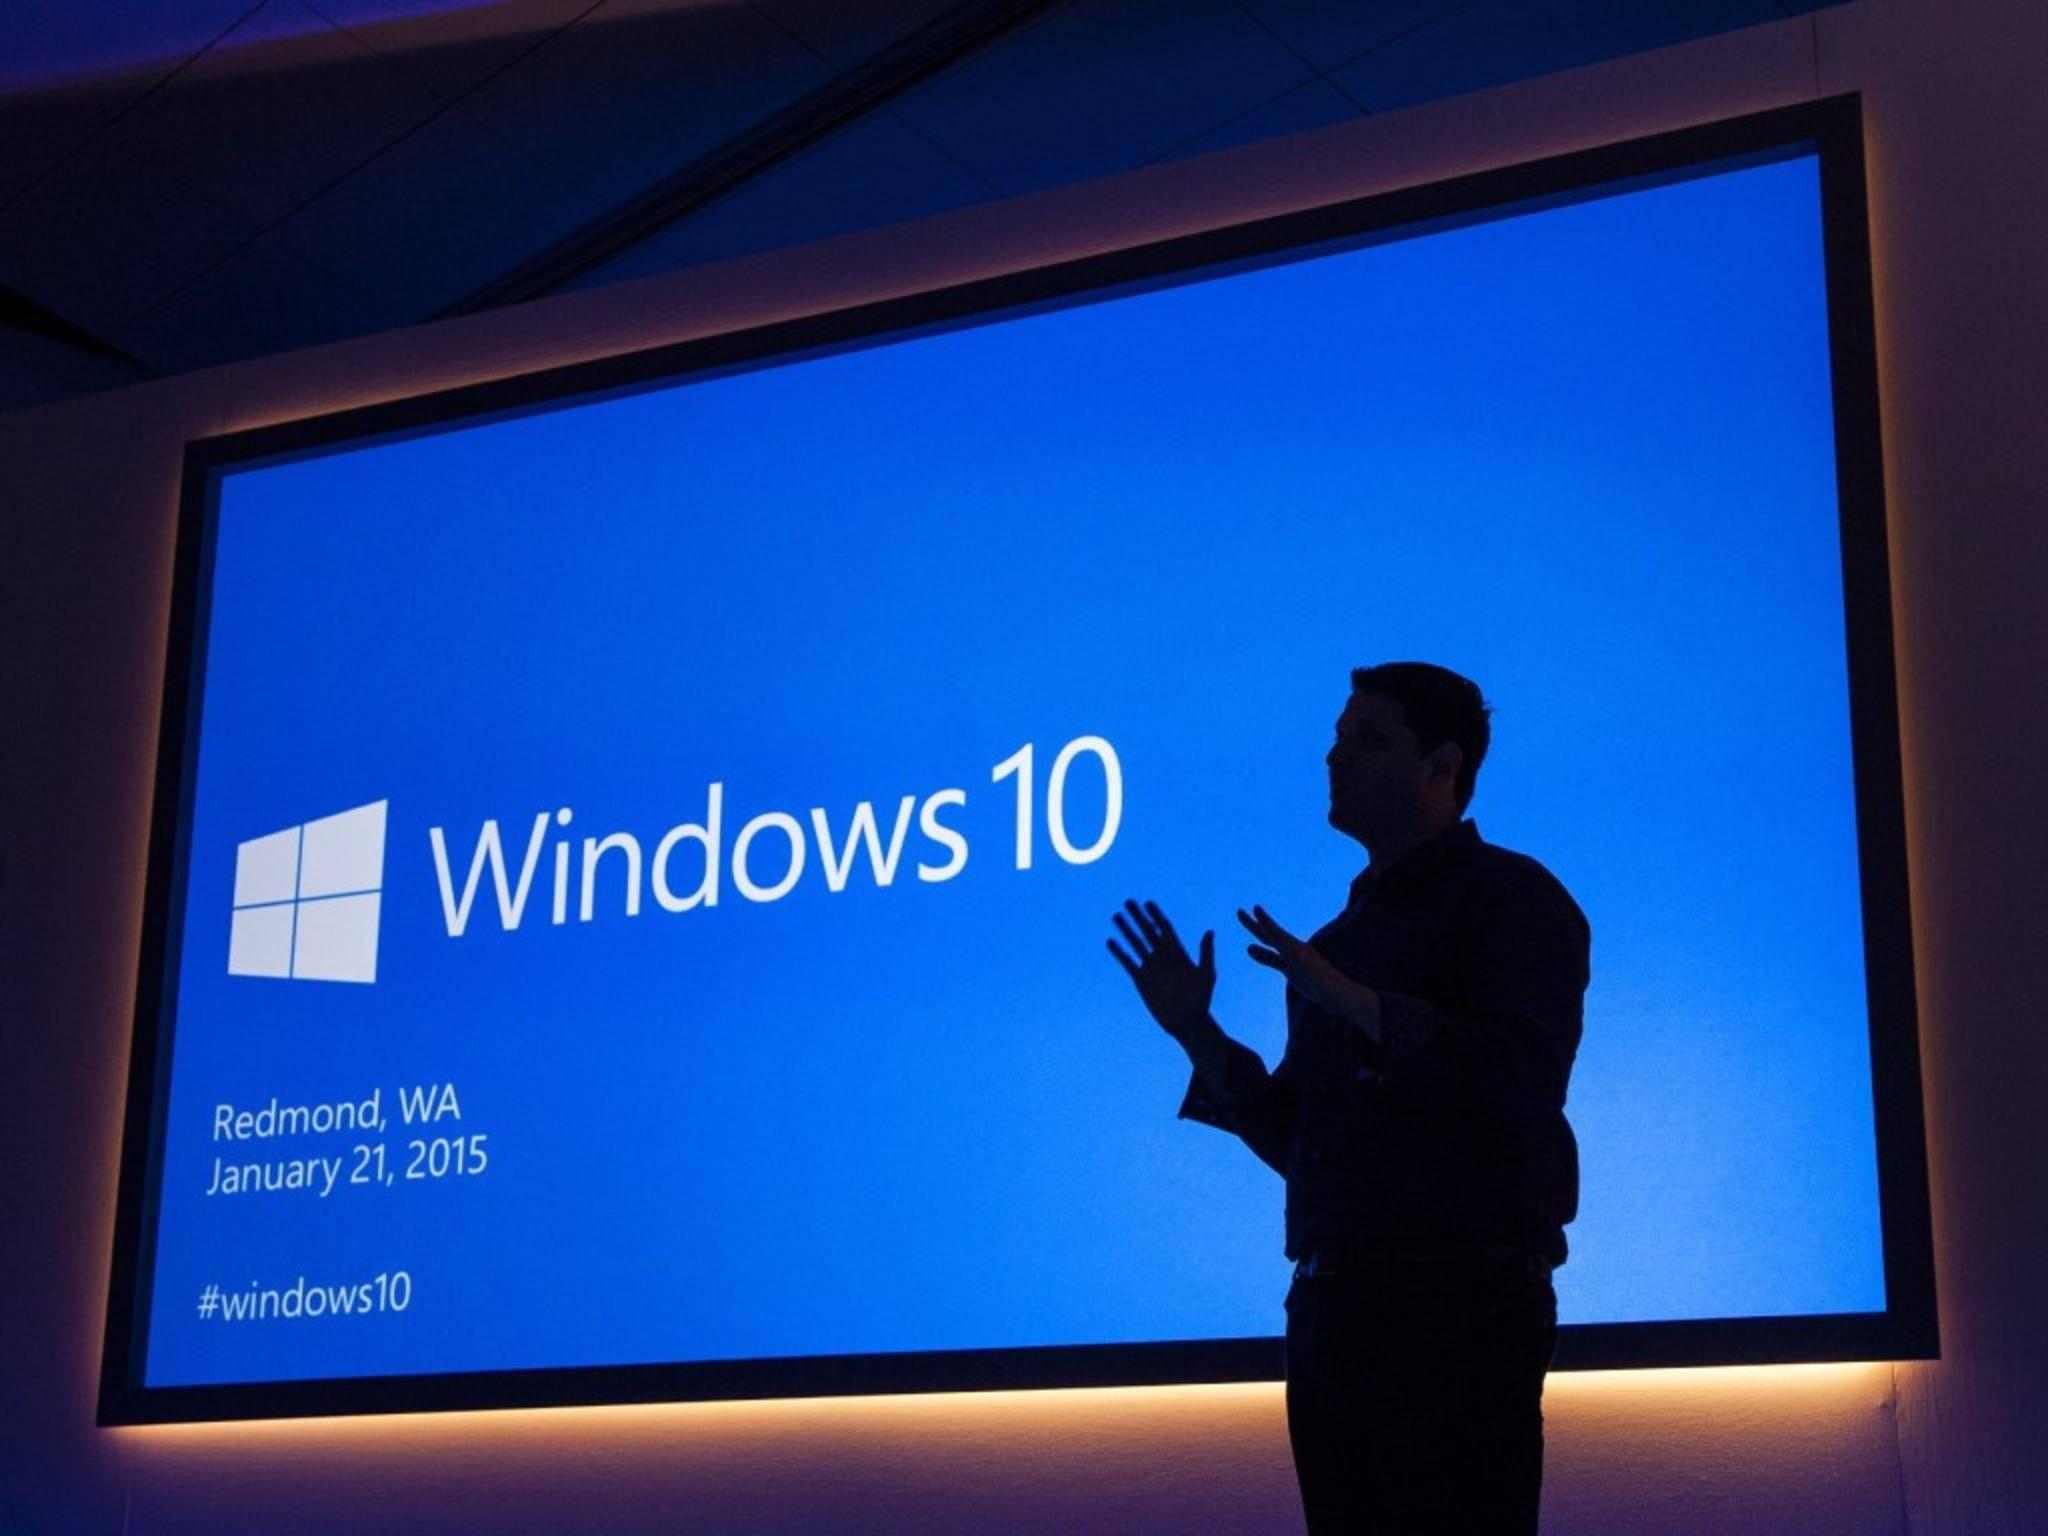 Windows 10 soll die letzte und ultimative Version von Windows werden.